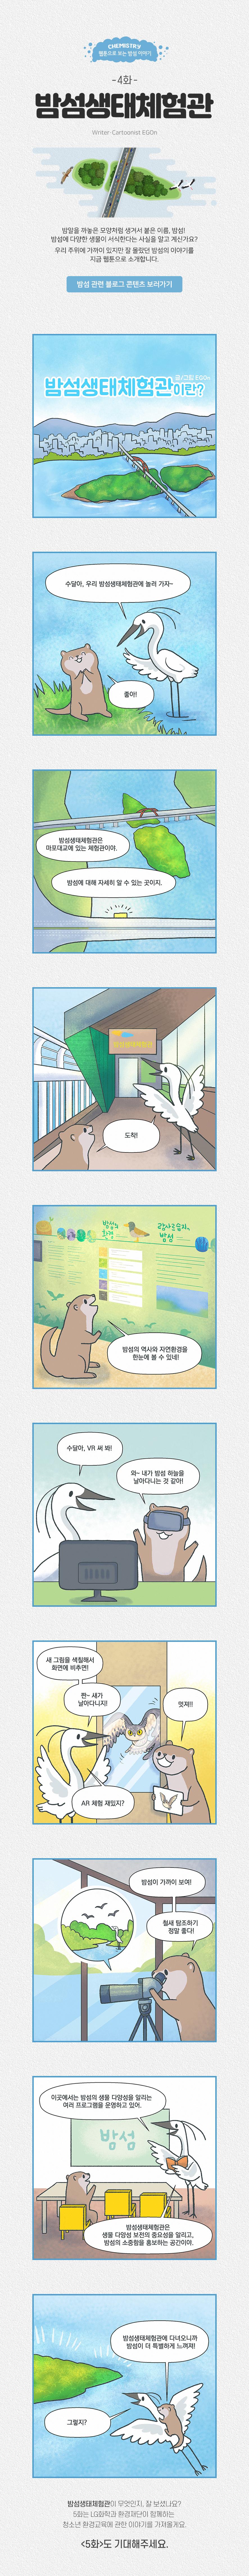 웹툰으로 보는 밤섬 이야기 4화 본문